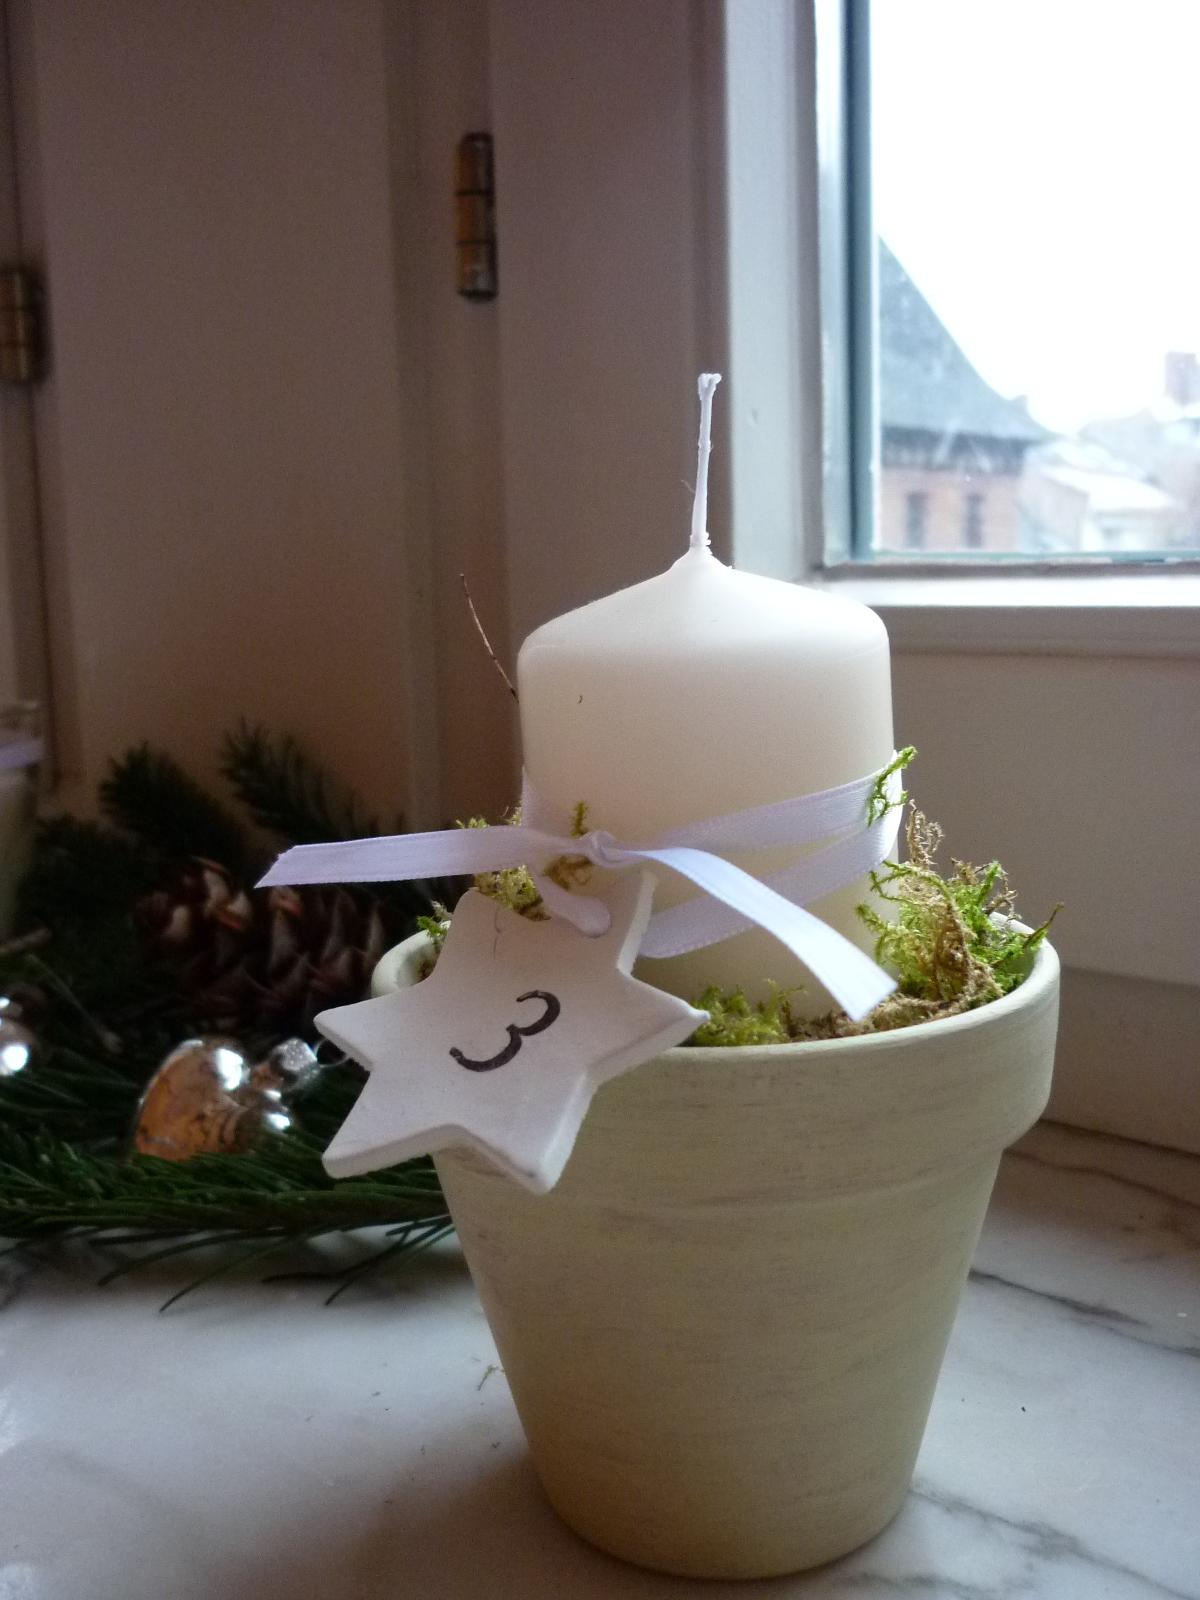 Augenschmaus weihnachtsdeko - Weihnachtsdeko naturmaterialien ...